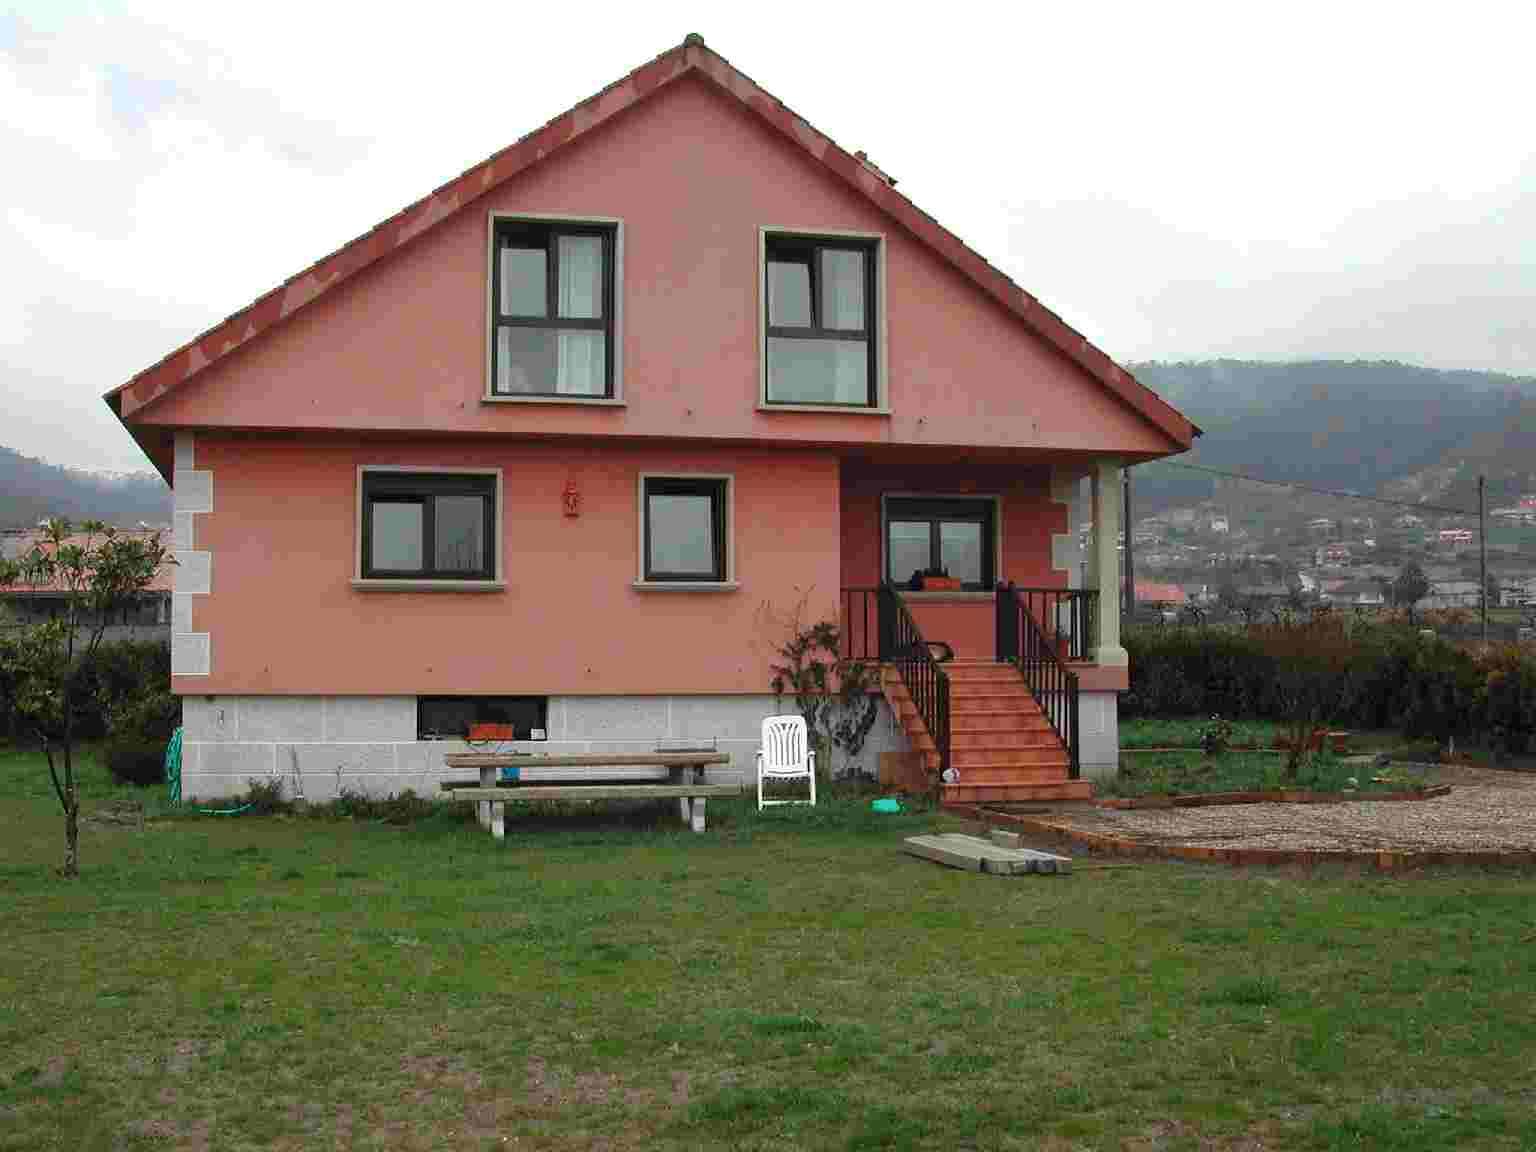 Nuevo dise o de jard n en pontevedra for Casa y jardin abc color